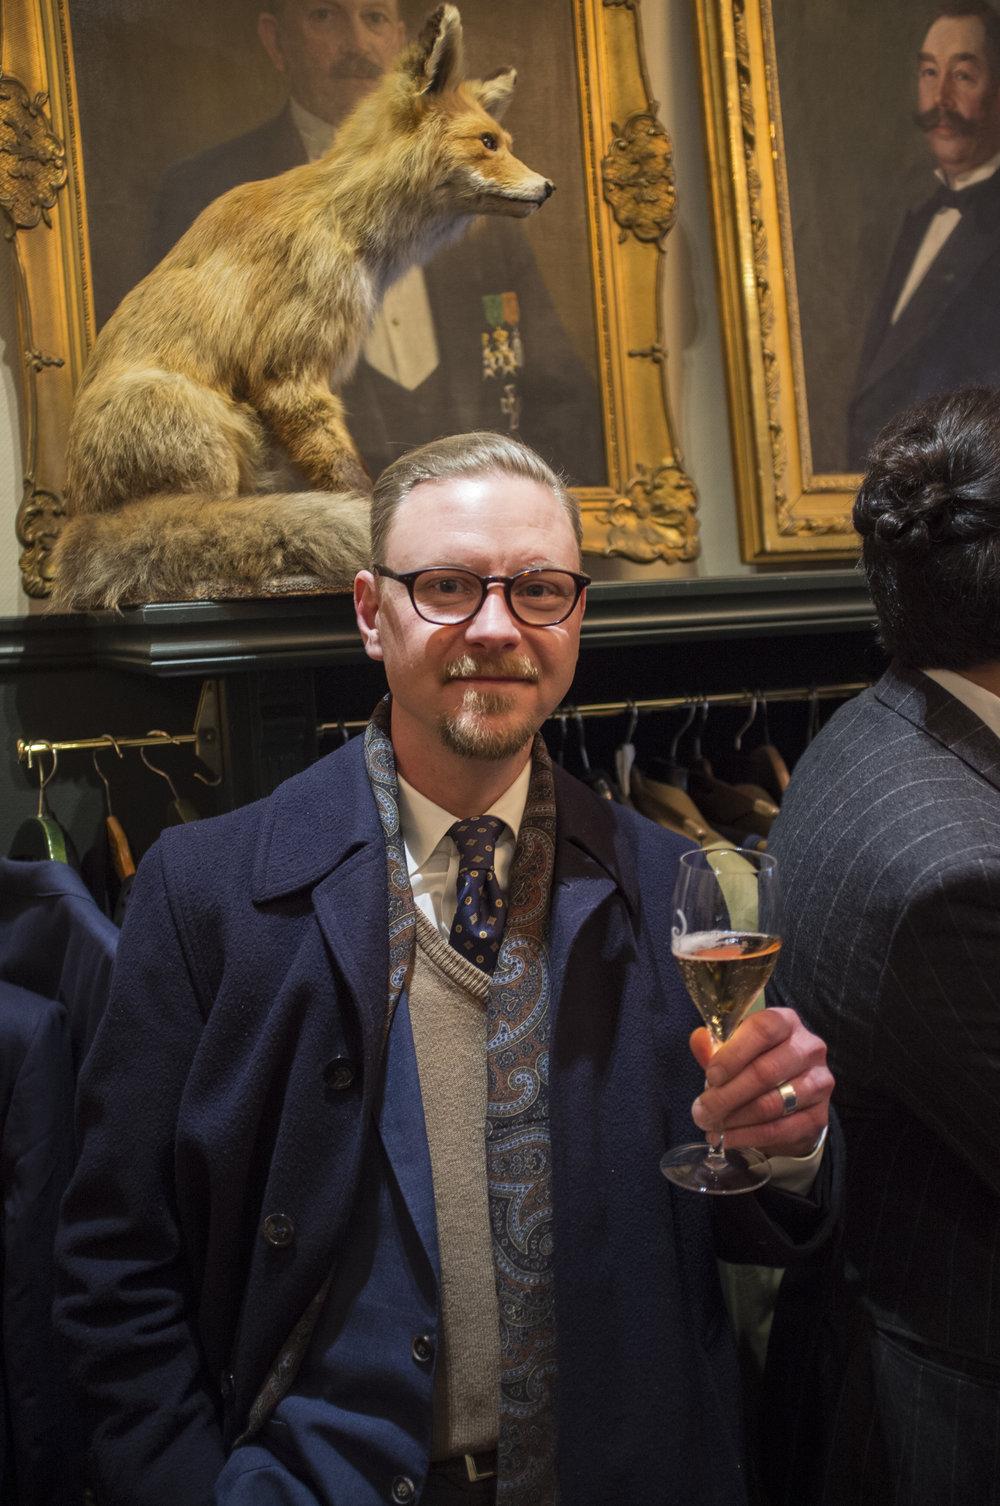 Menswear enthusiast Johan Matsols.